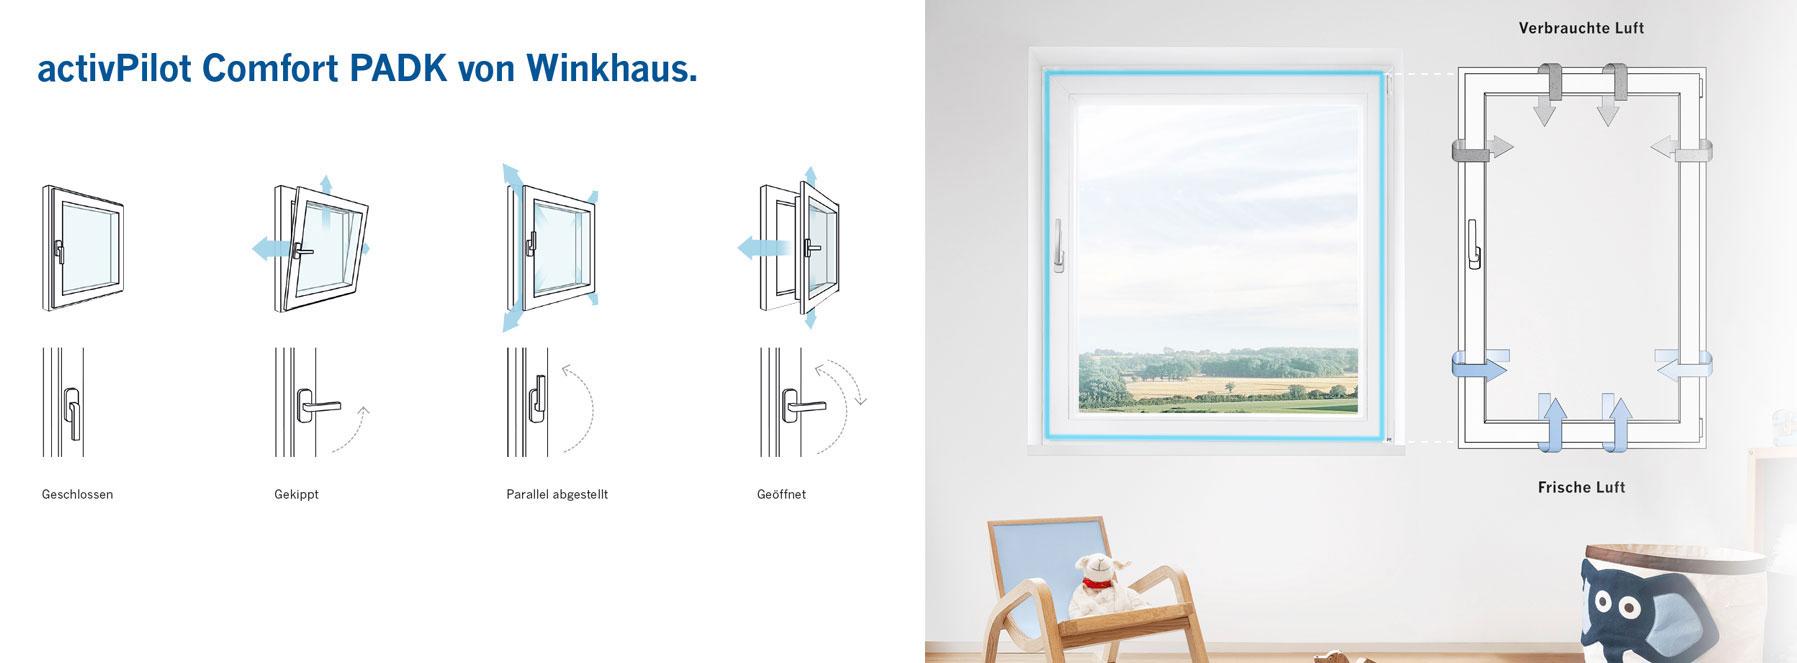 Gemütlich Sturm Fensterrahmen Kit Bilder - Rahmen Ideen ...